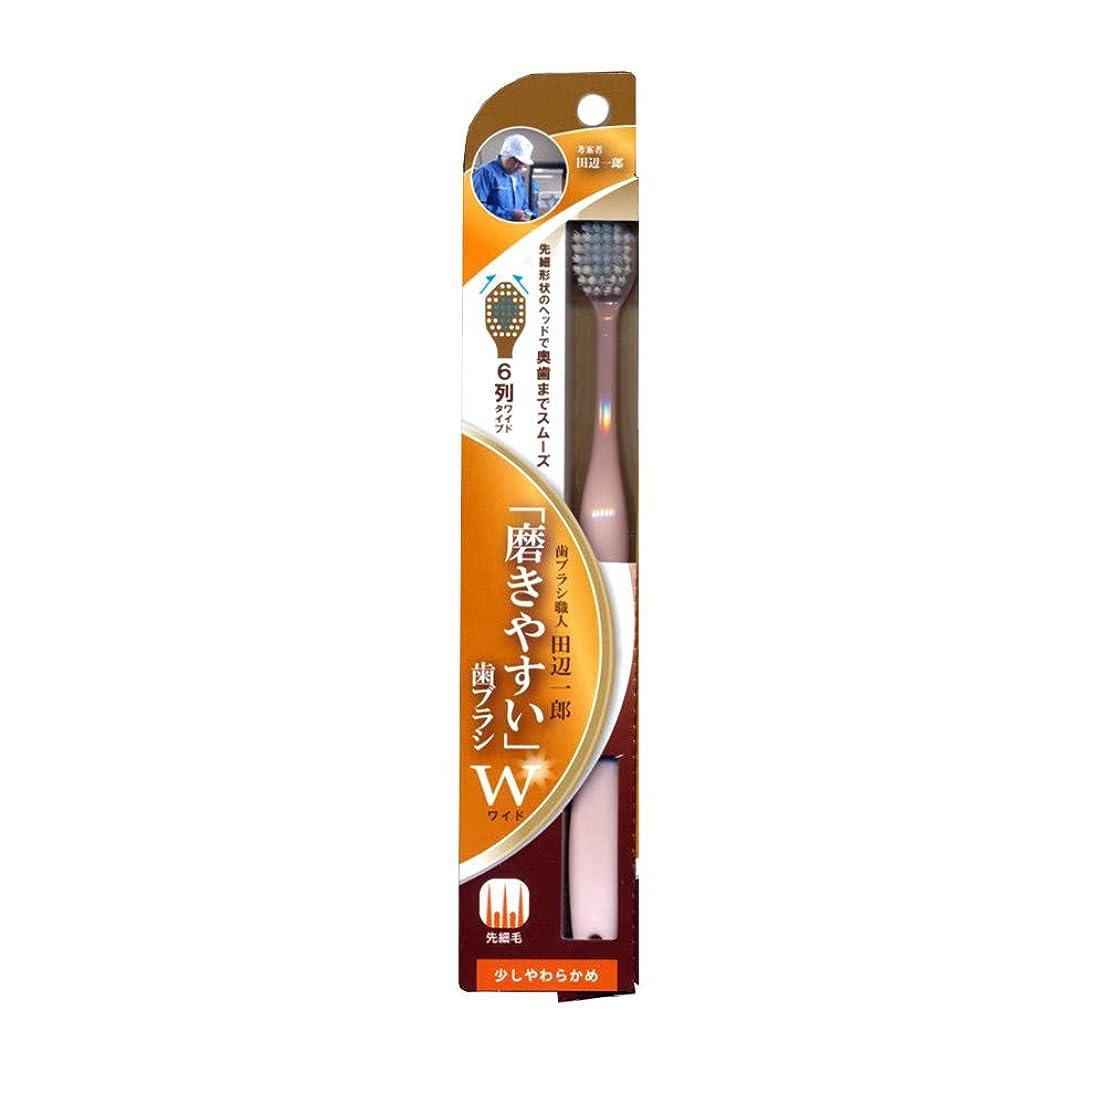 深める生き残りアルファベット順磨きやすい歯ブラシ 6列ワイドタイプ LT-46 少し柔らかめ (色選択不可)(先細毛)